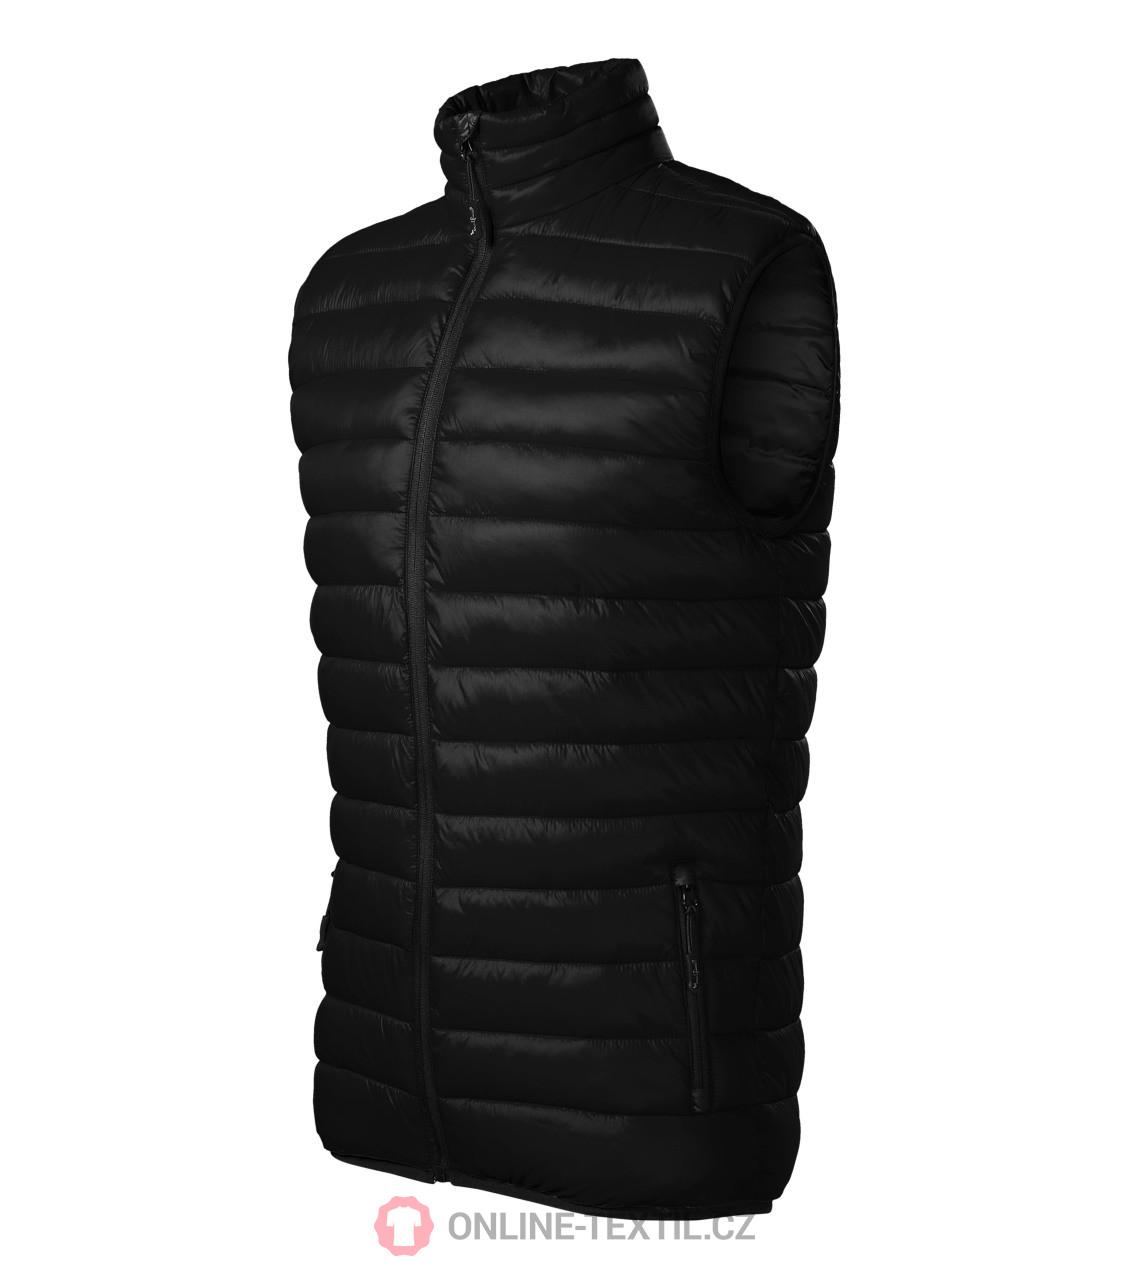 ADLER CZECH Prémiová pánská prošívaná vesta Everest 553 - černá z ... 6765914d73